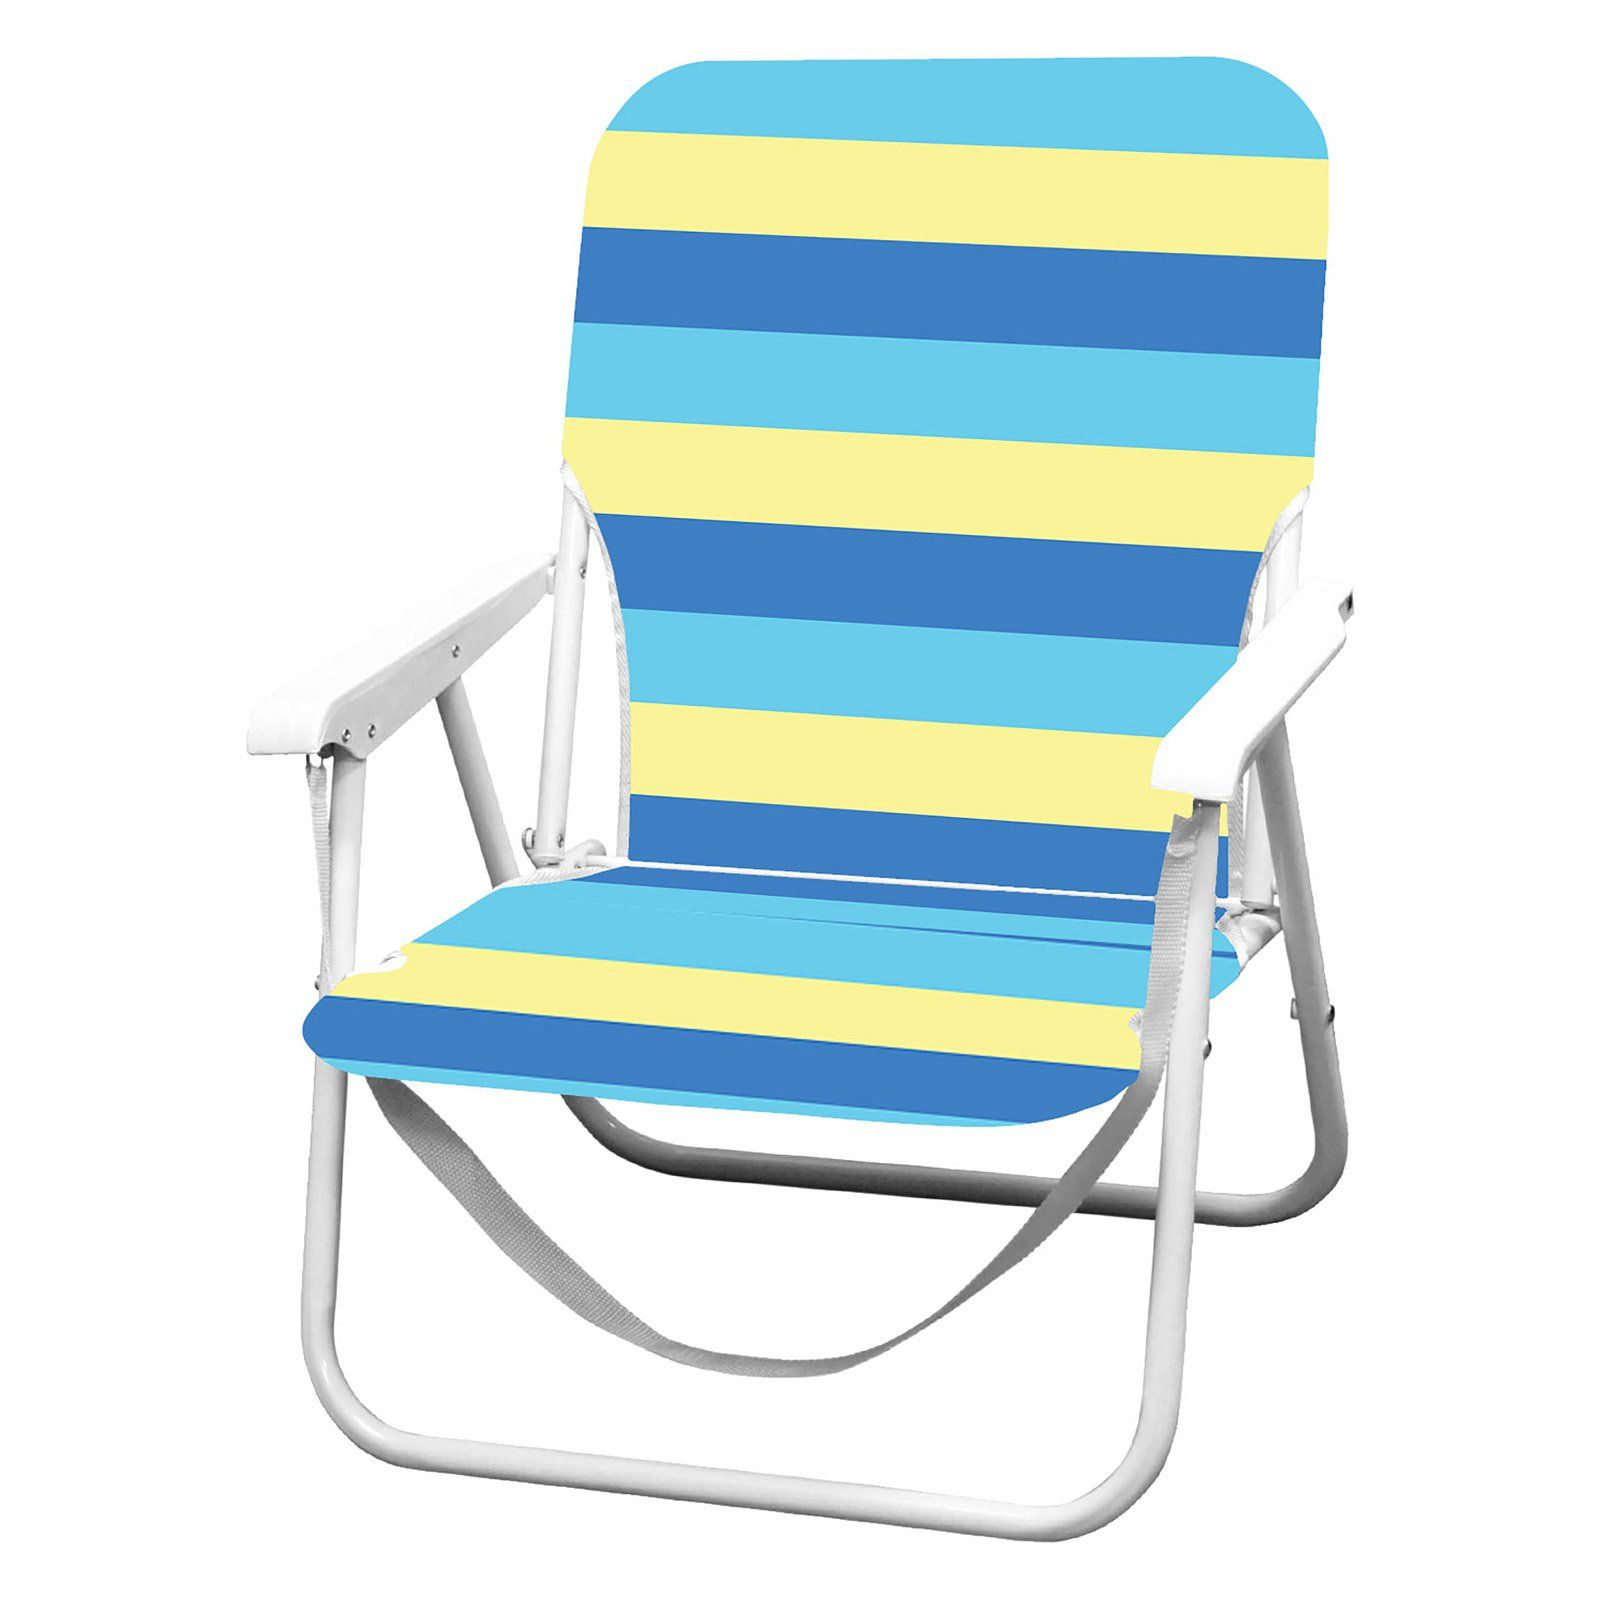 Outdoor Caribbean Joe Blue And Yellow Stripe High Beach Chair Beach Chairs Folding Beach Chair Caribbean Joe